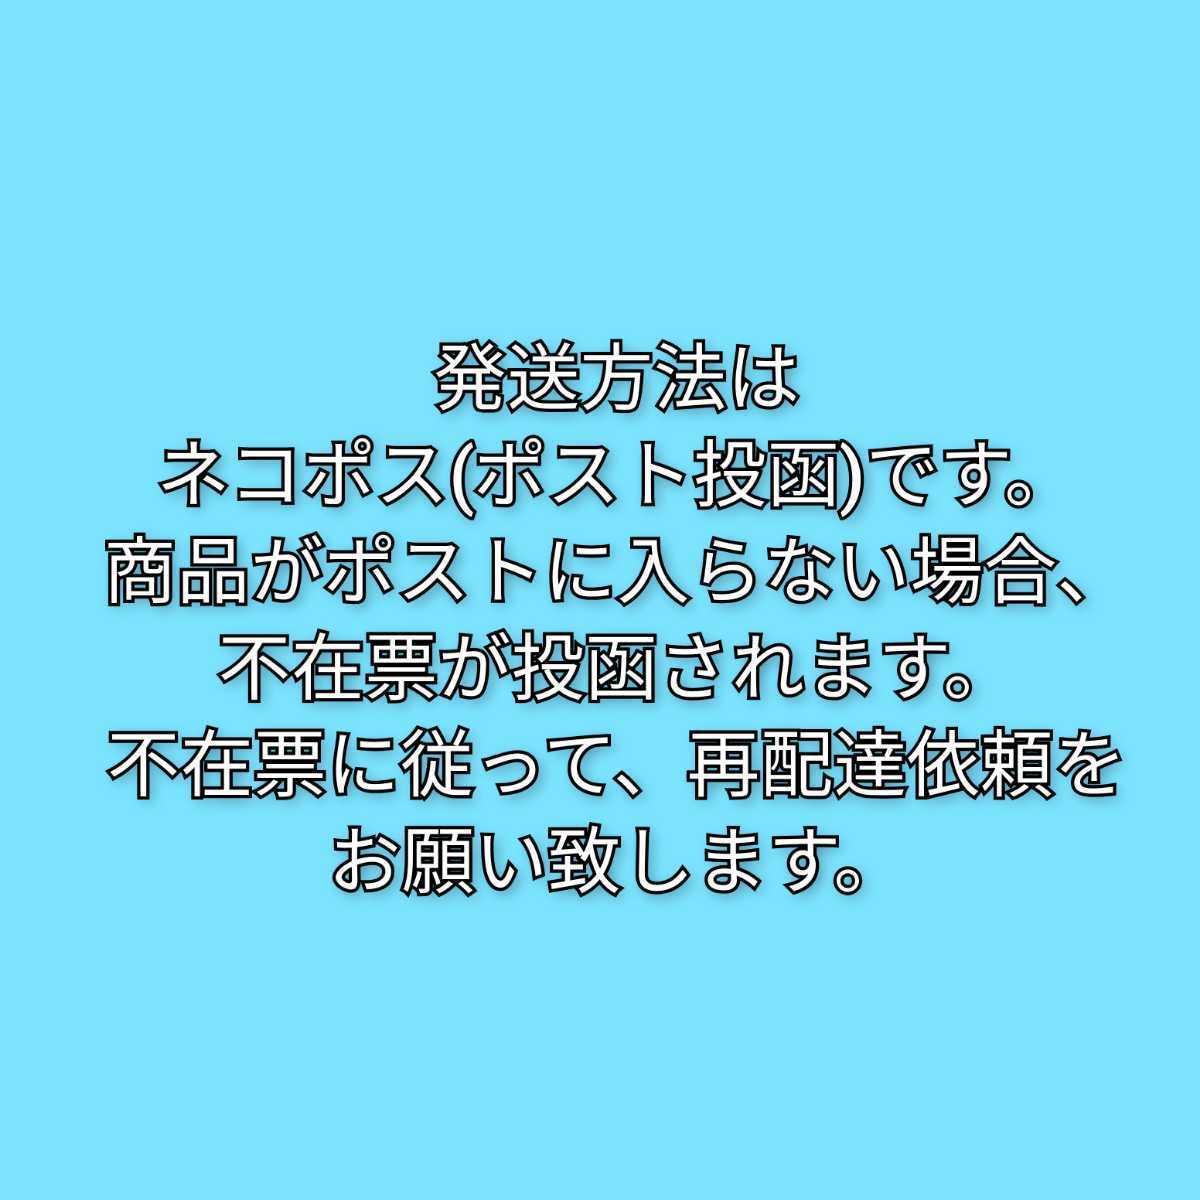 ビクトリーブレンド 20袋 澤井珈琲 ドリップコーヒー_画像3